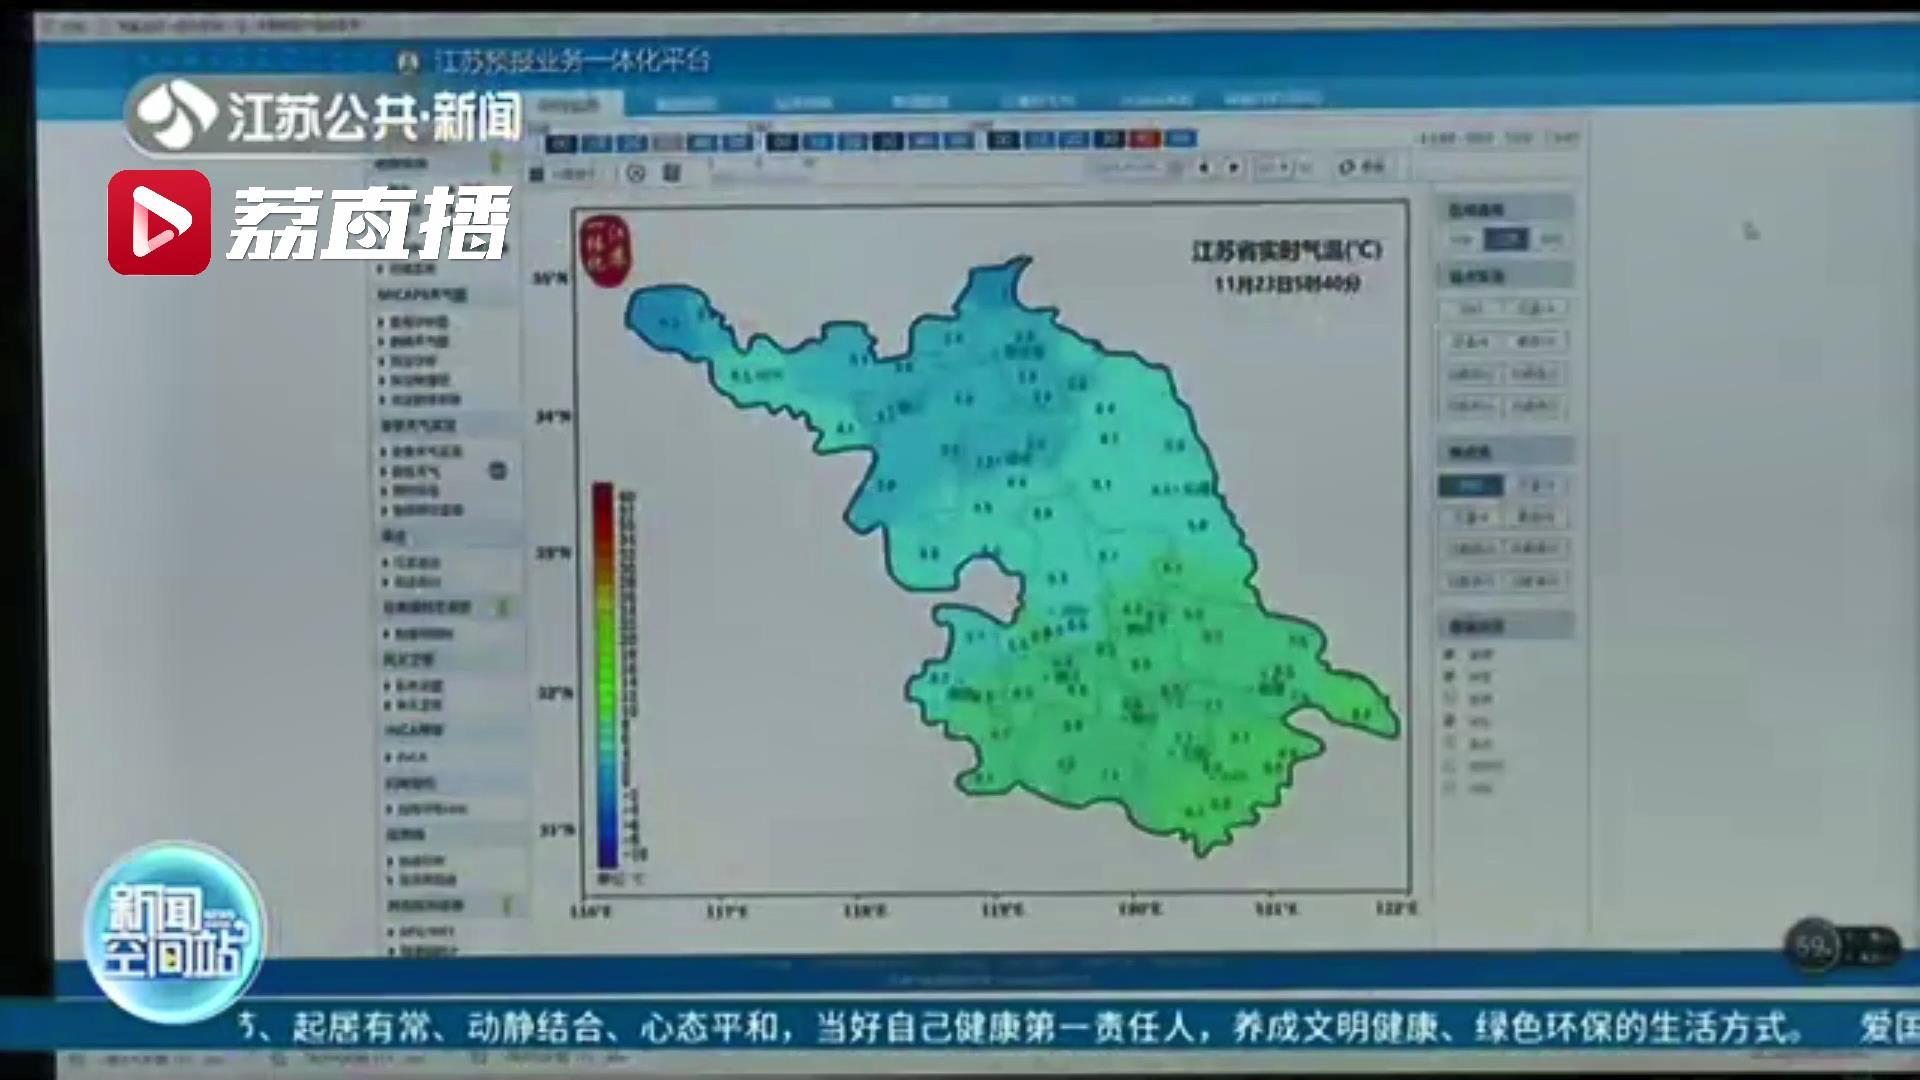 多阴雨天!本周最低气温低至0℃以下 江苏开启入冬进程